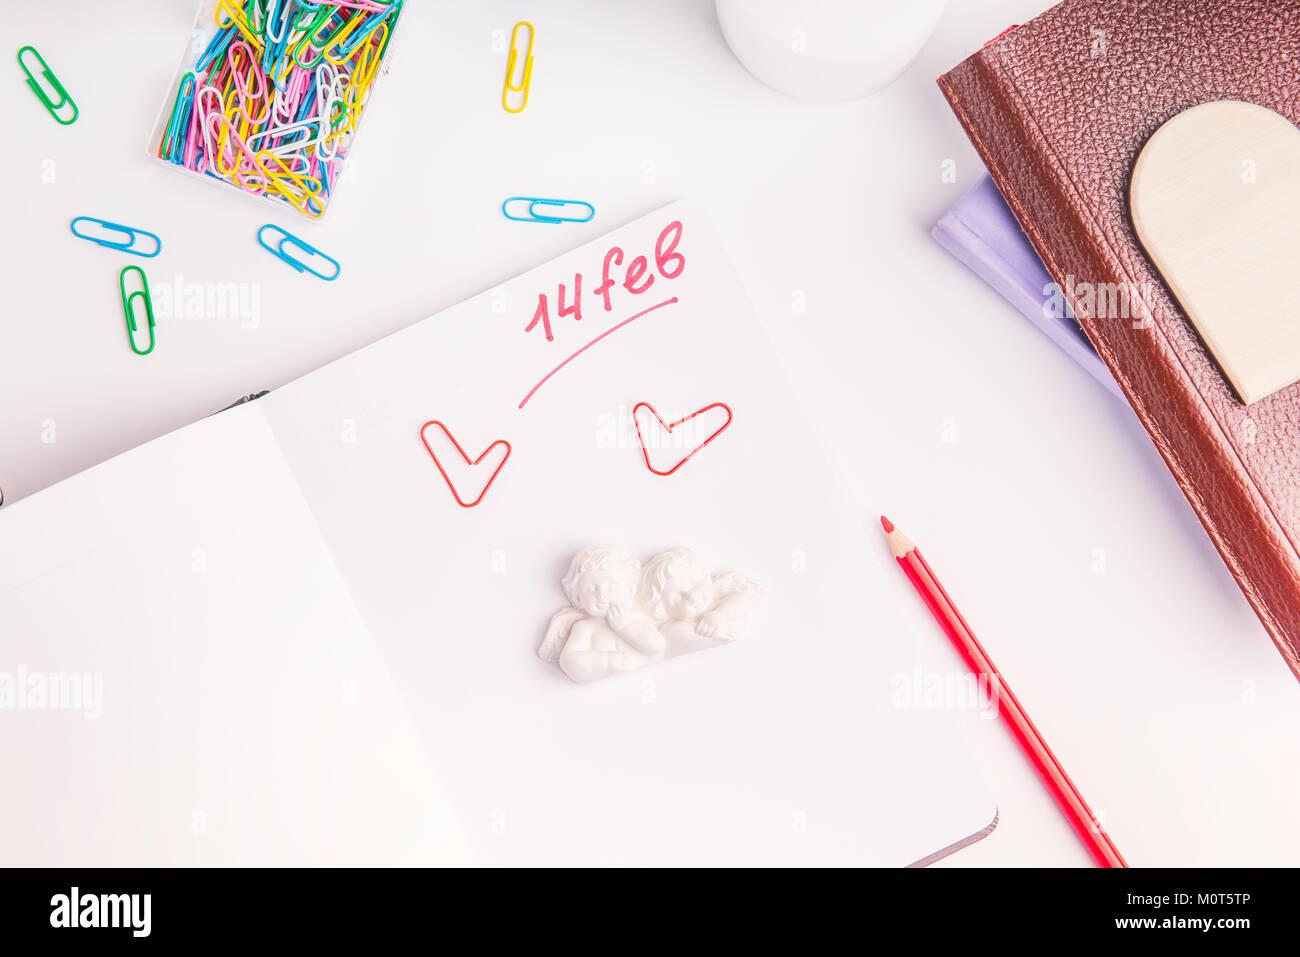 Numéro de l'écriture rouge 14 février, jour de la Saint-Valentin et les anges texte stauette organiseur personnel sur sur le lieu de travail. Concept de planification de la Saint-Valentin. Focus sélectif. Banque D'Images